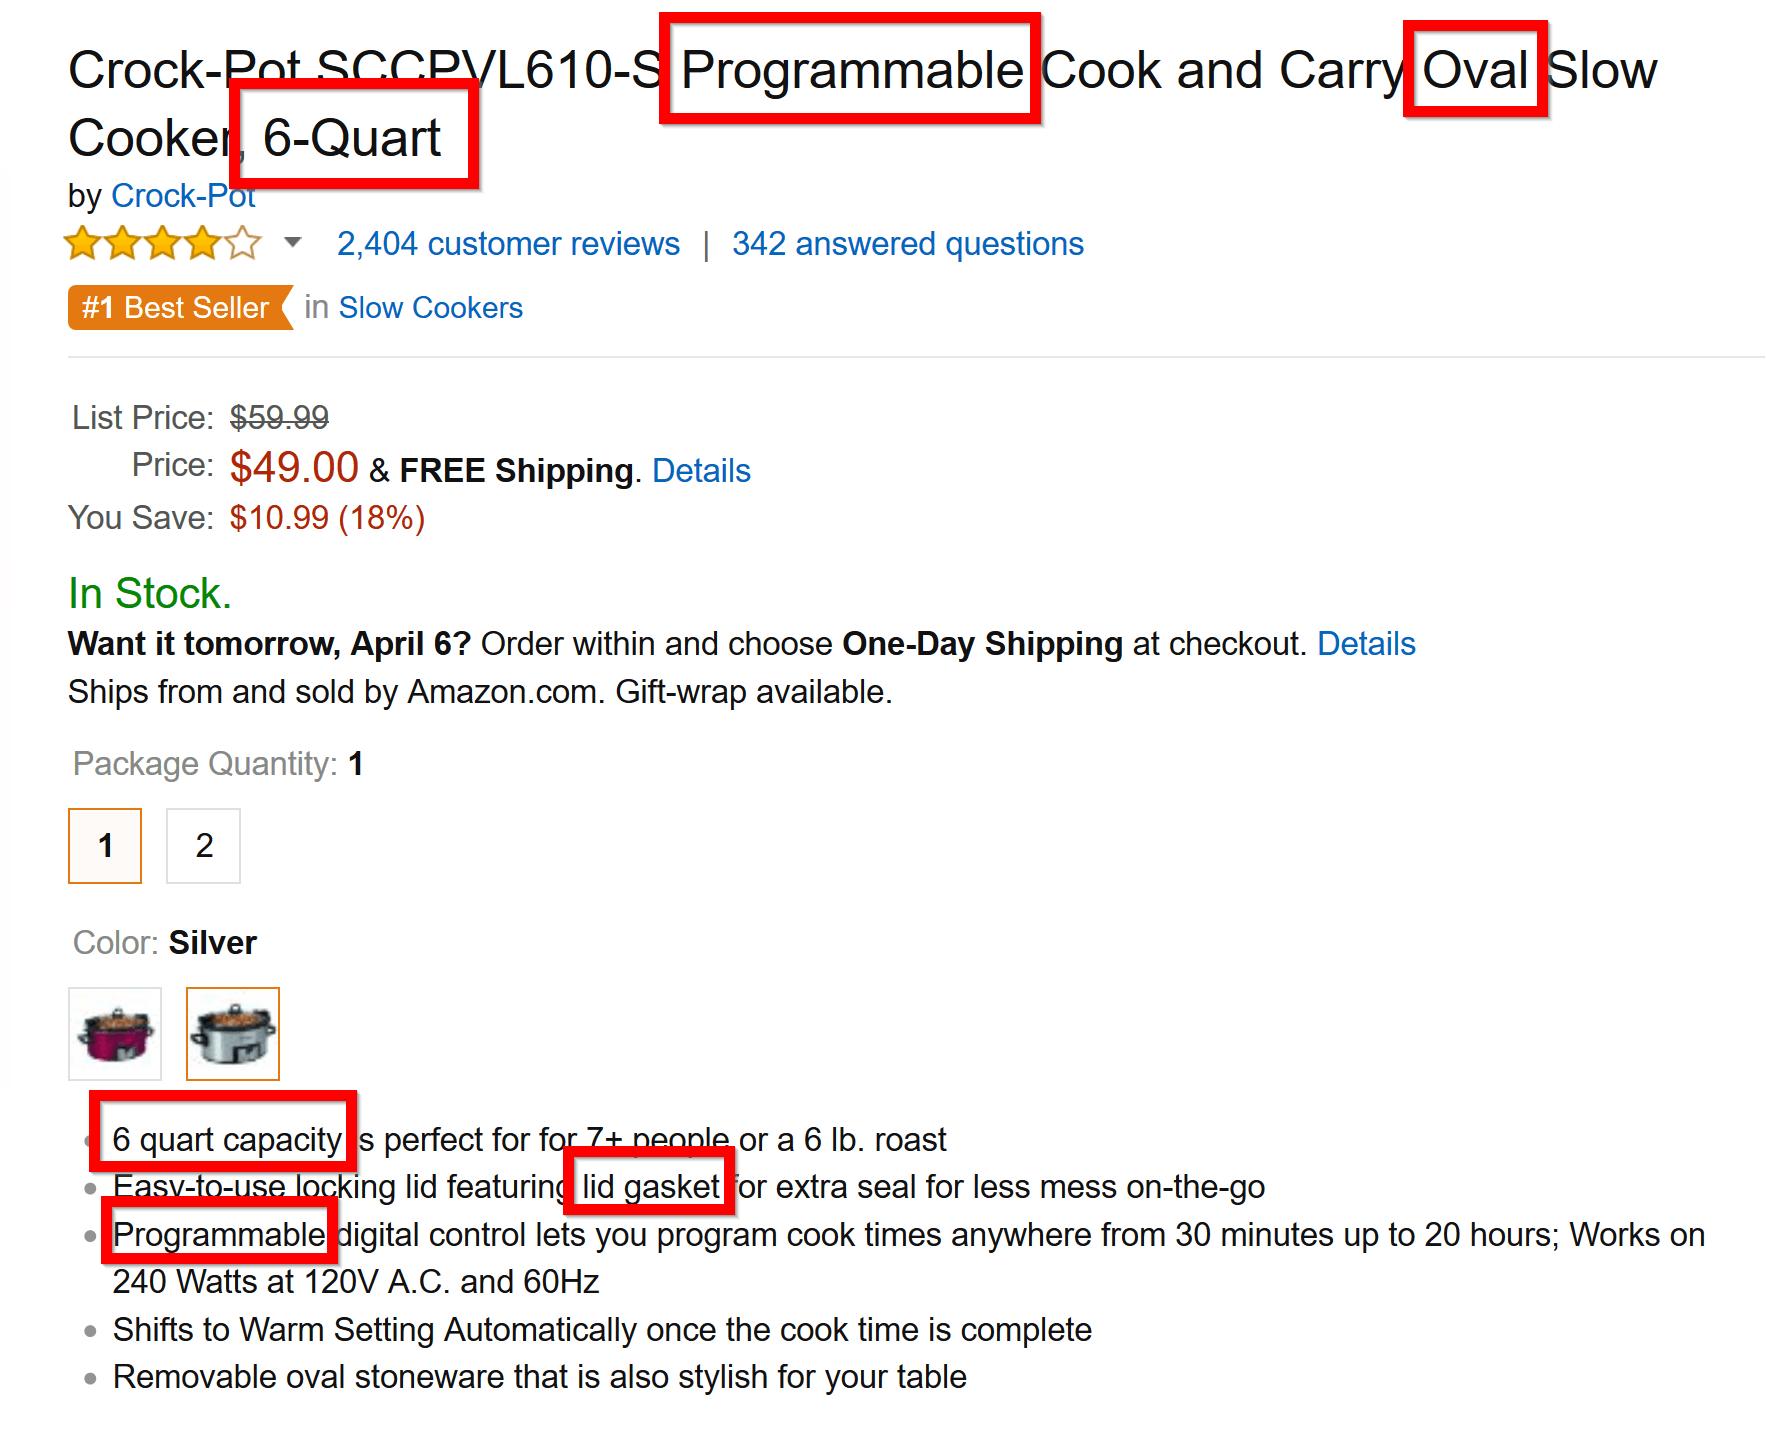 lsi palabras clave de la página del producto de comercio electrónico